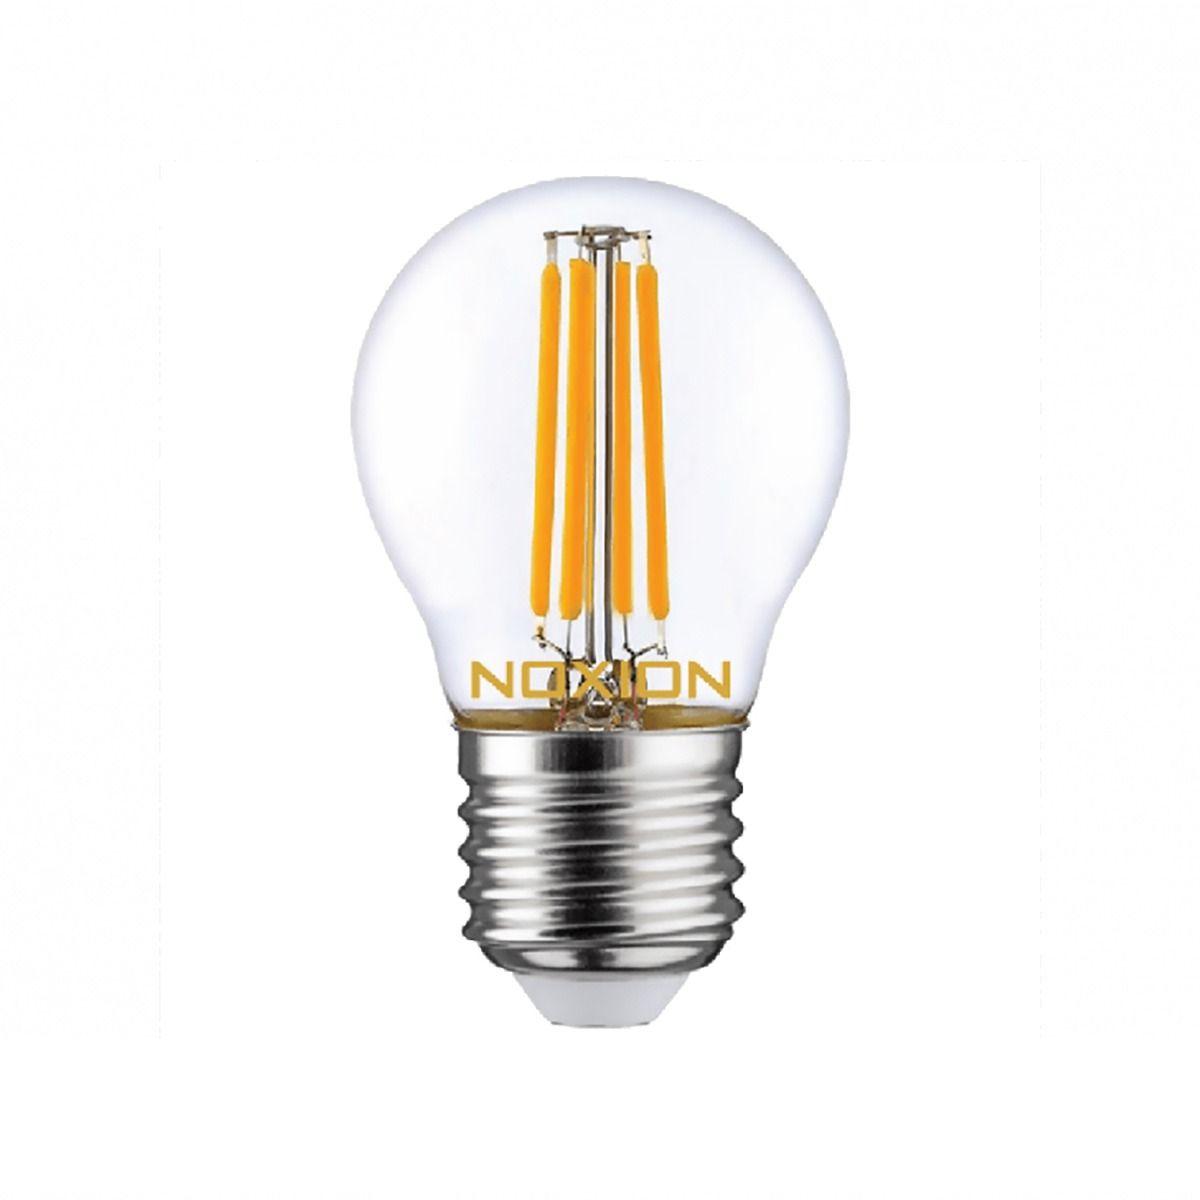 Noxion Lucent Filament LED Lustre 4.5W 827 P45 E27 Klar   Extra Varm Vit - Ersättare 40W